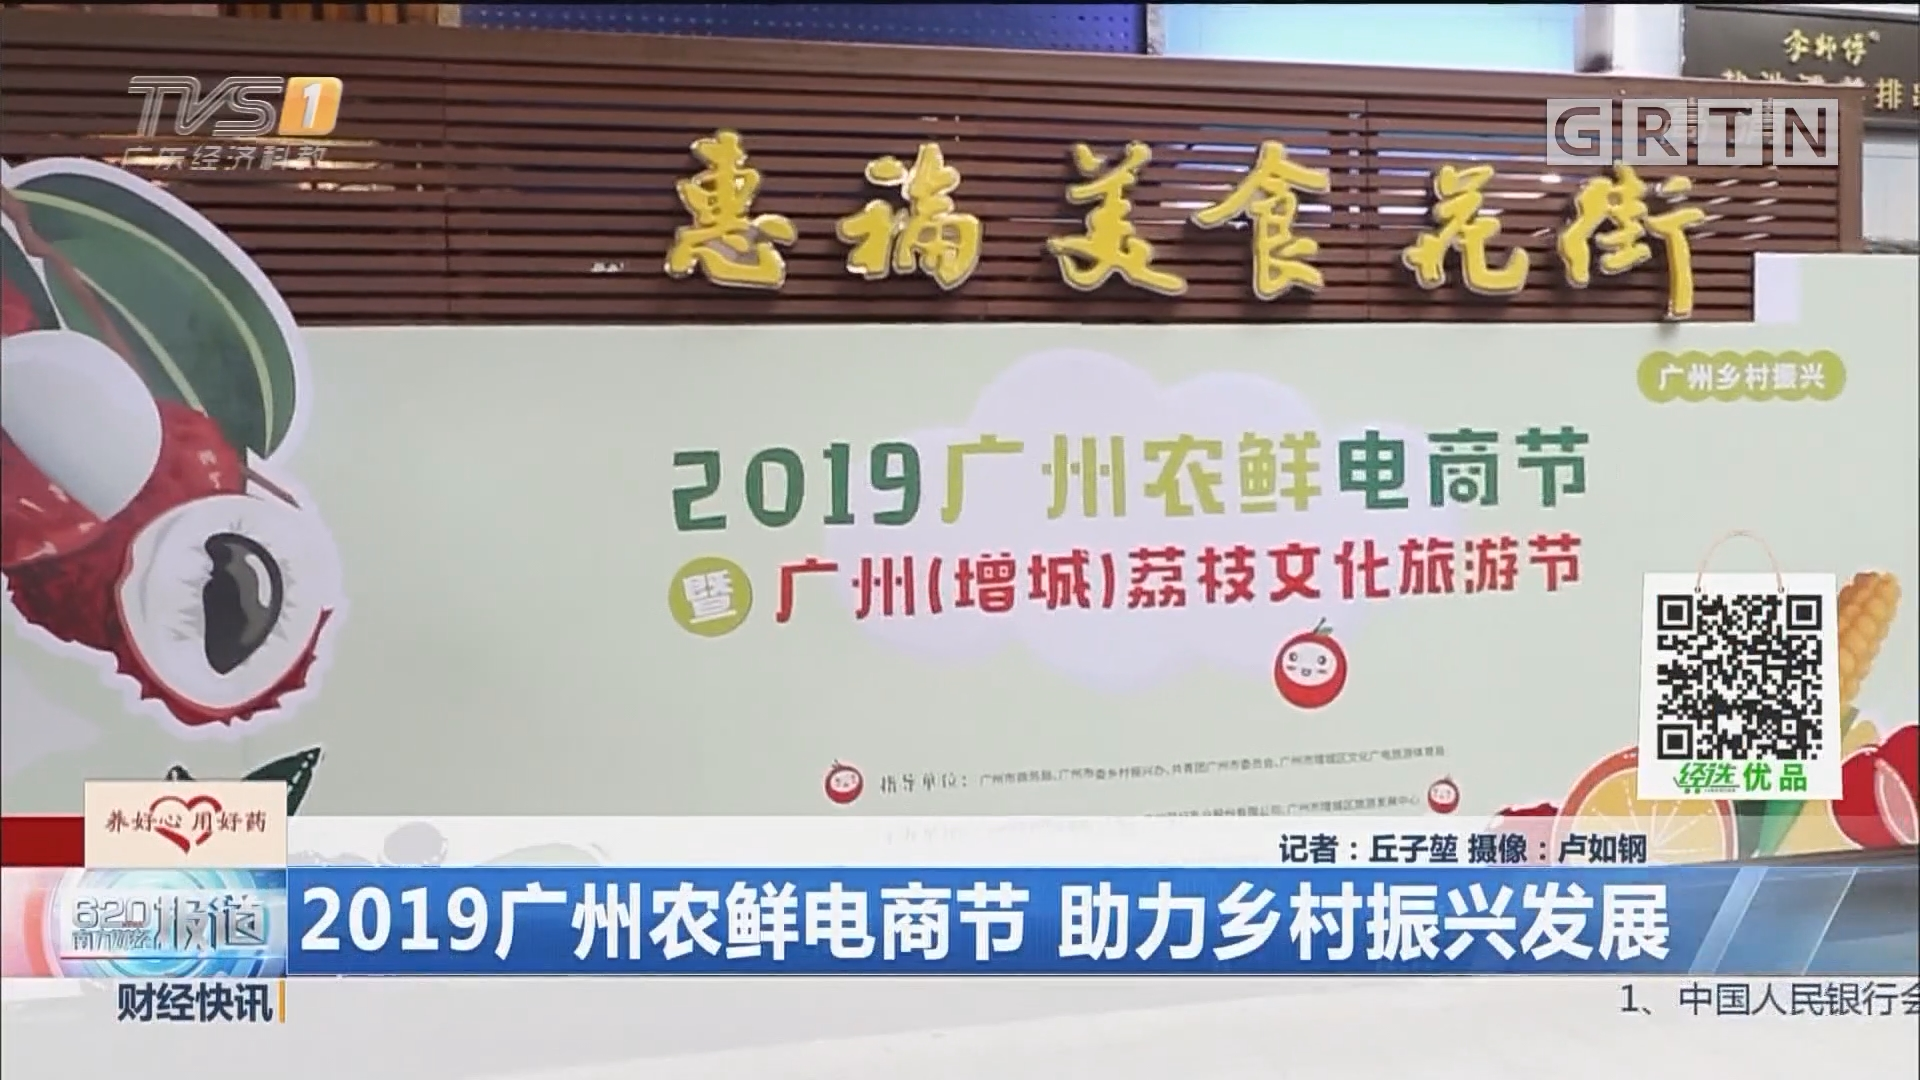 2019广州农鲜电商节 阻力乡村振兴发展